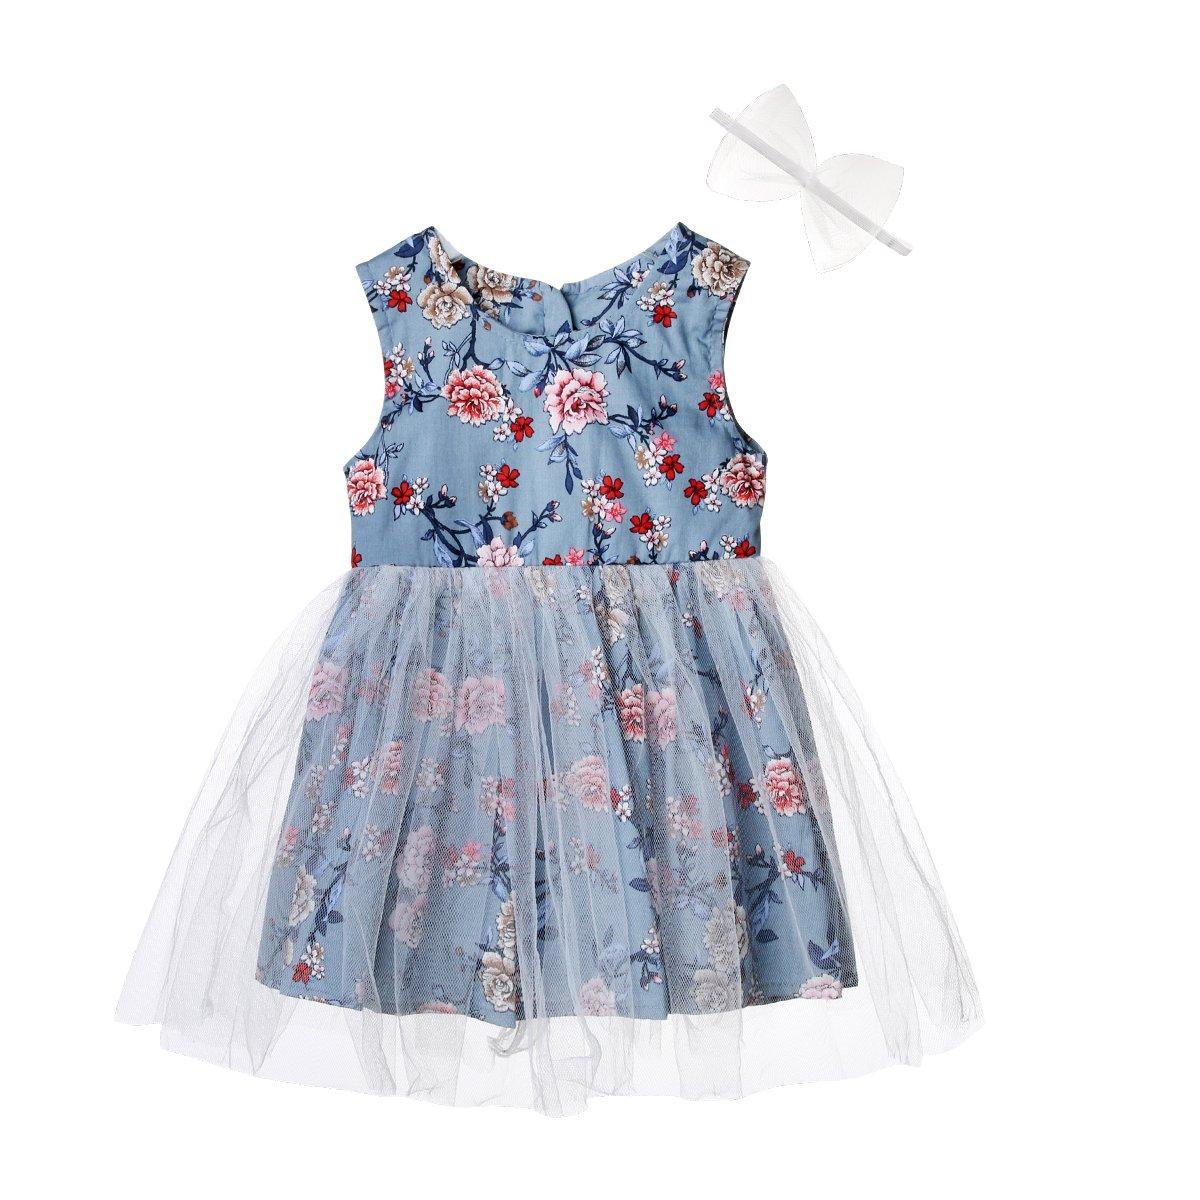 超爆安  Wiwiane DRESS 2-3 ベビーガールズ 2-3 Years DRESS ブルー Wiwiane B07CNQ36B1, kiji store:b647010f --- a0267596.xsph.ru